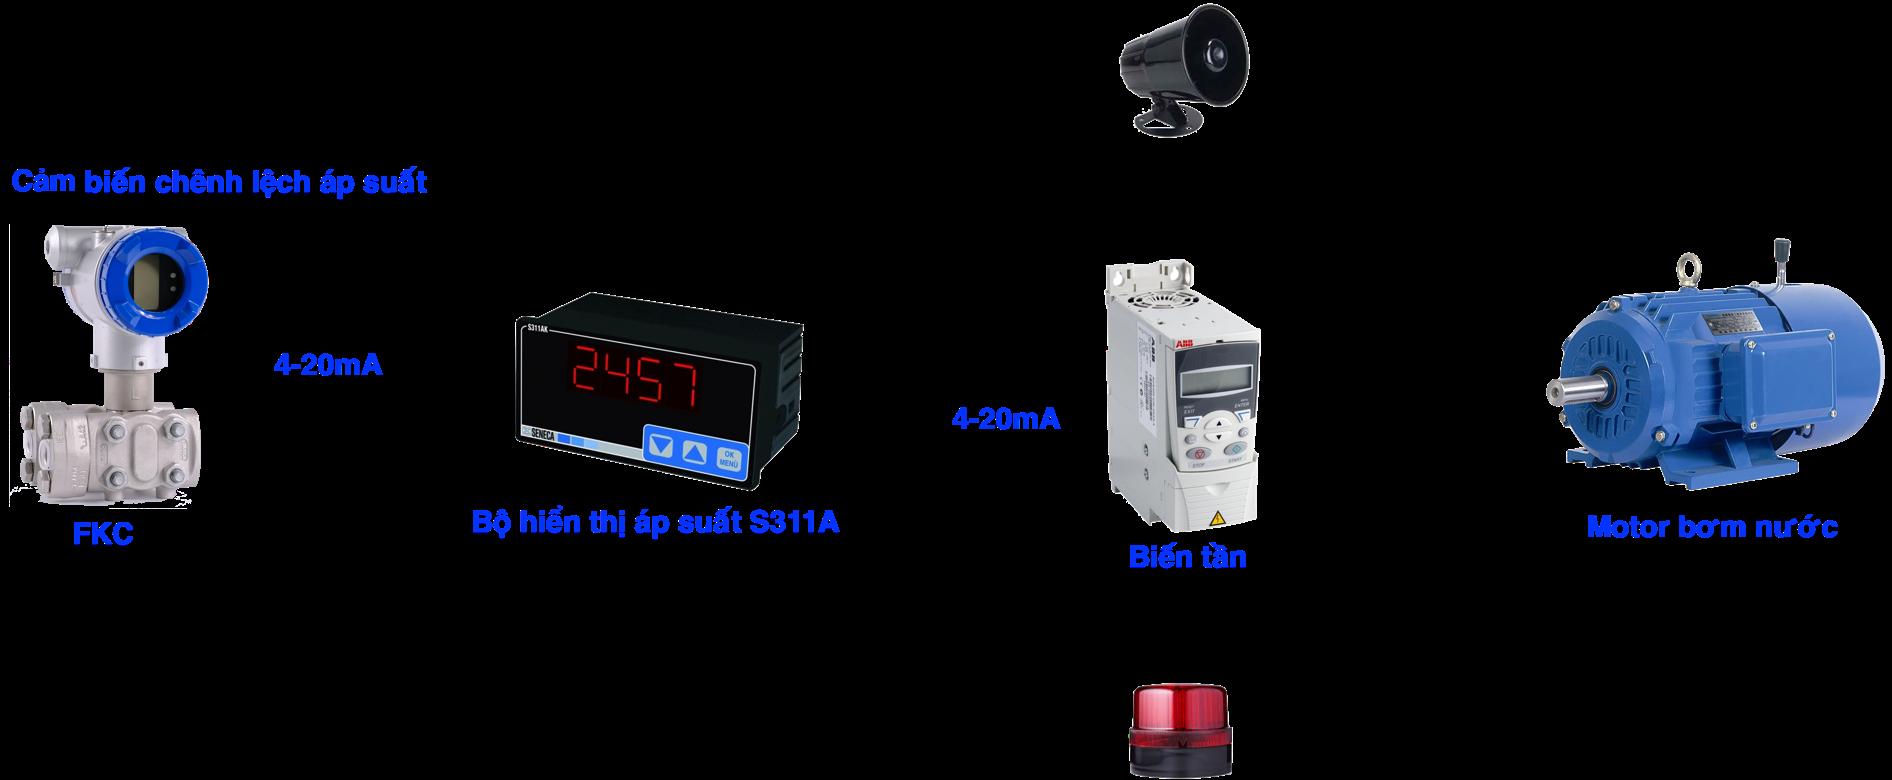 Ứng dụng cảm biến chênh áp suất nước